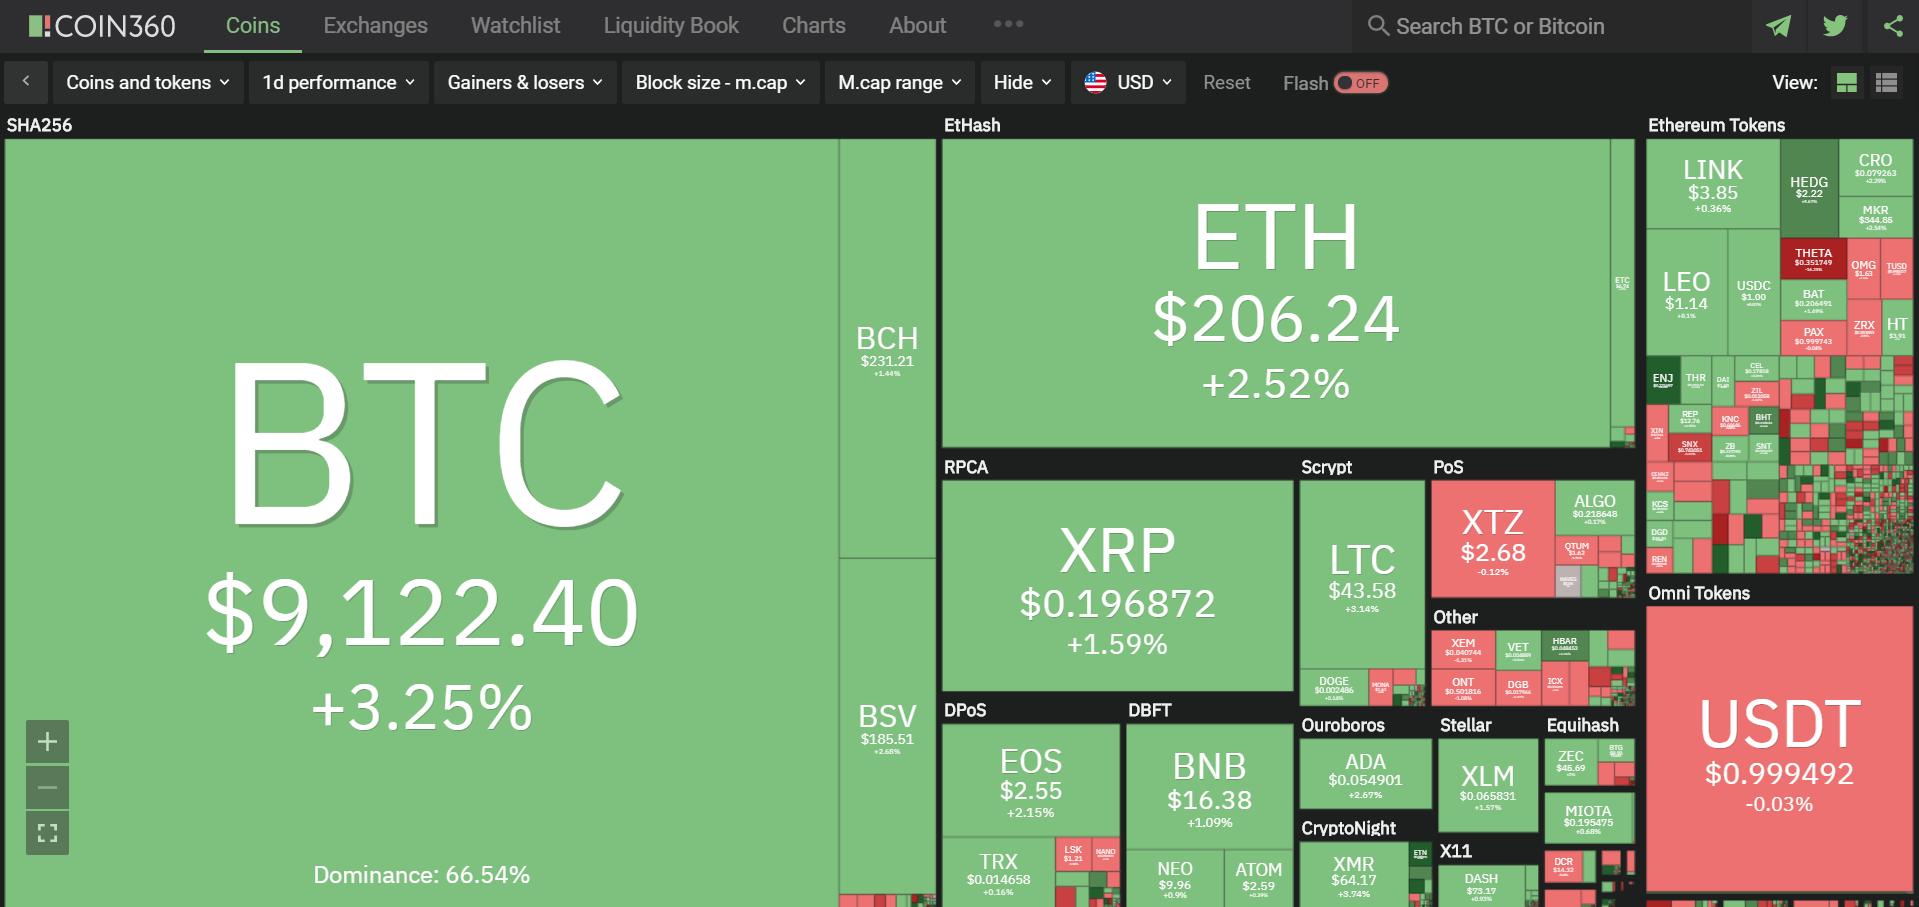 Toàn cảnh thị trường ngày 28/5 (nguồn: Coin360.com)